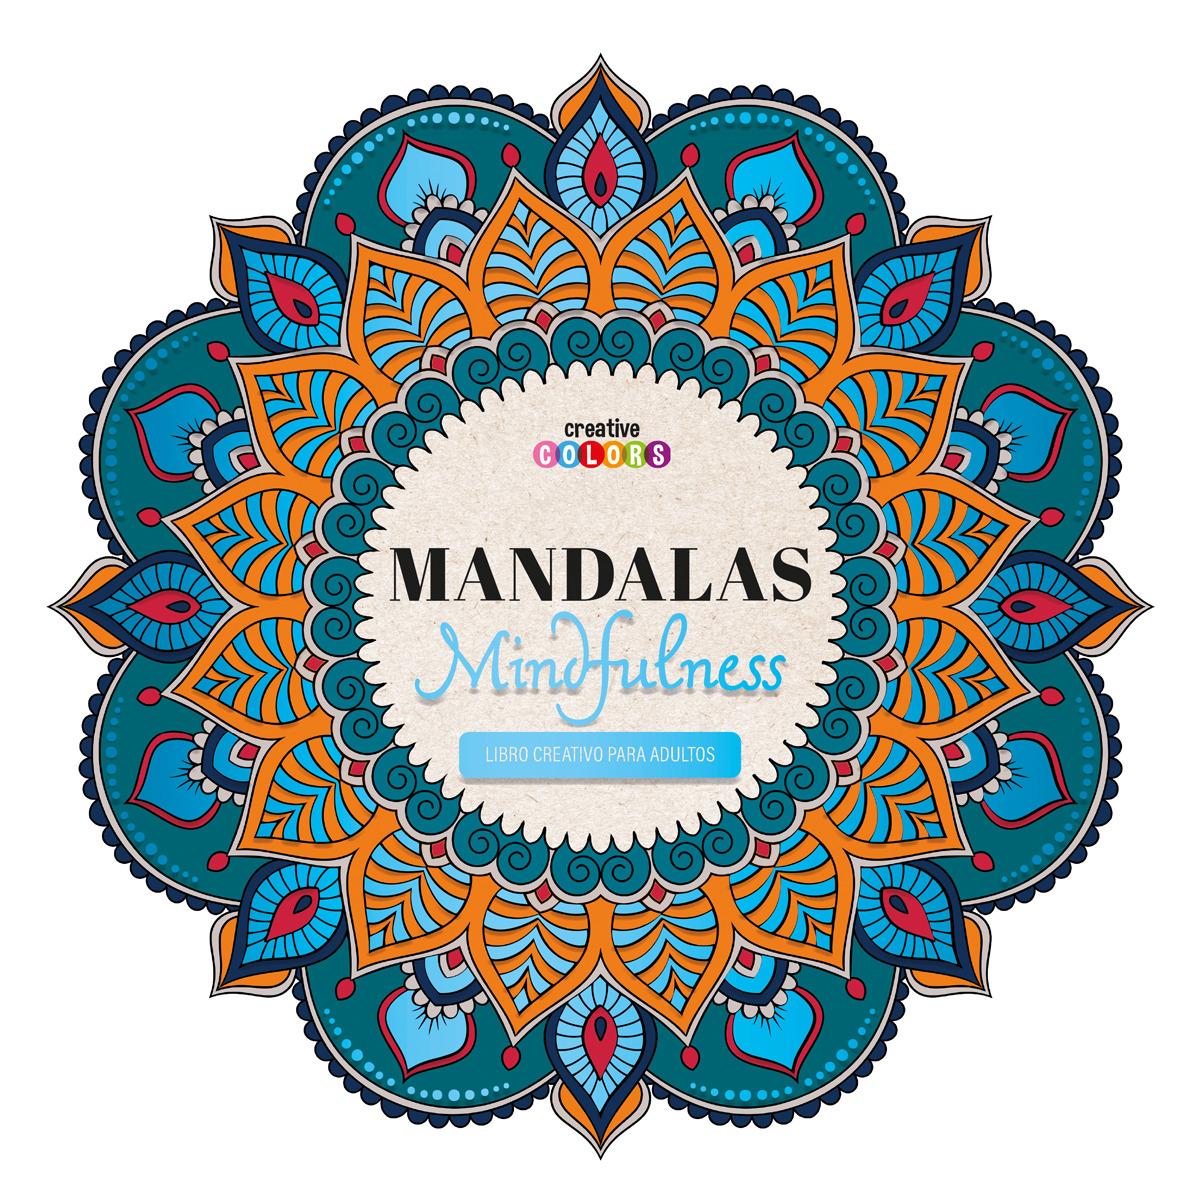 MANDALAS MINDFULNESS 9789463546478